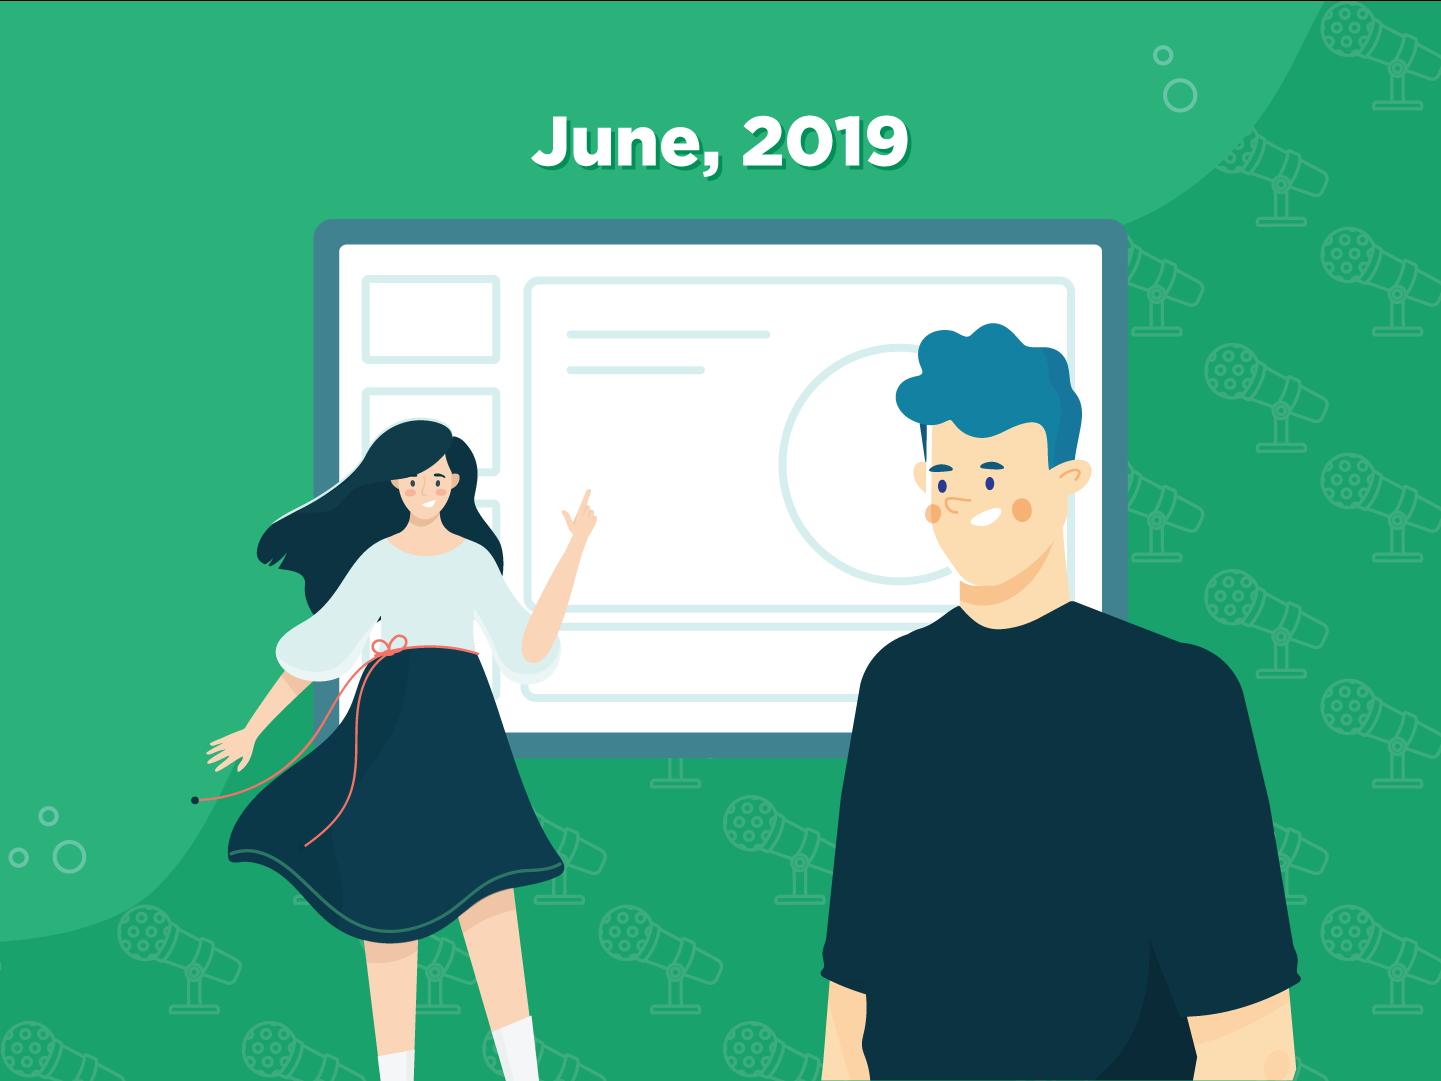 Public Speaking in June 2019